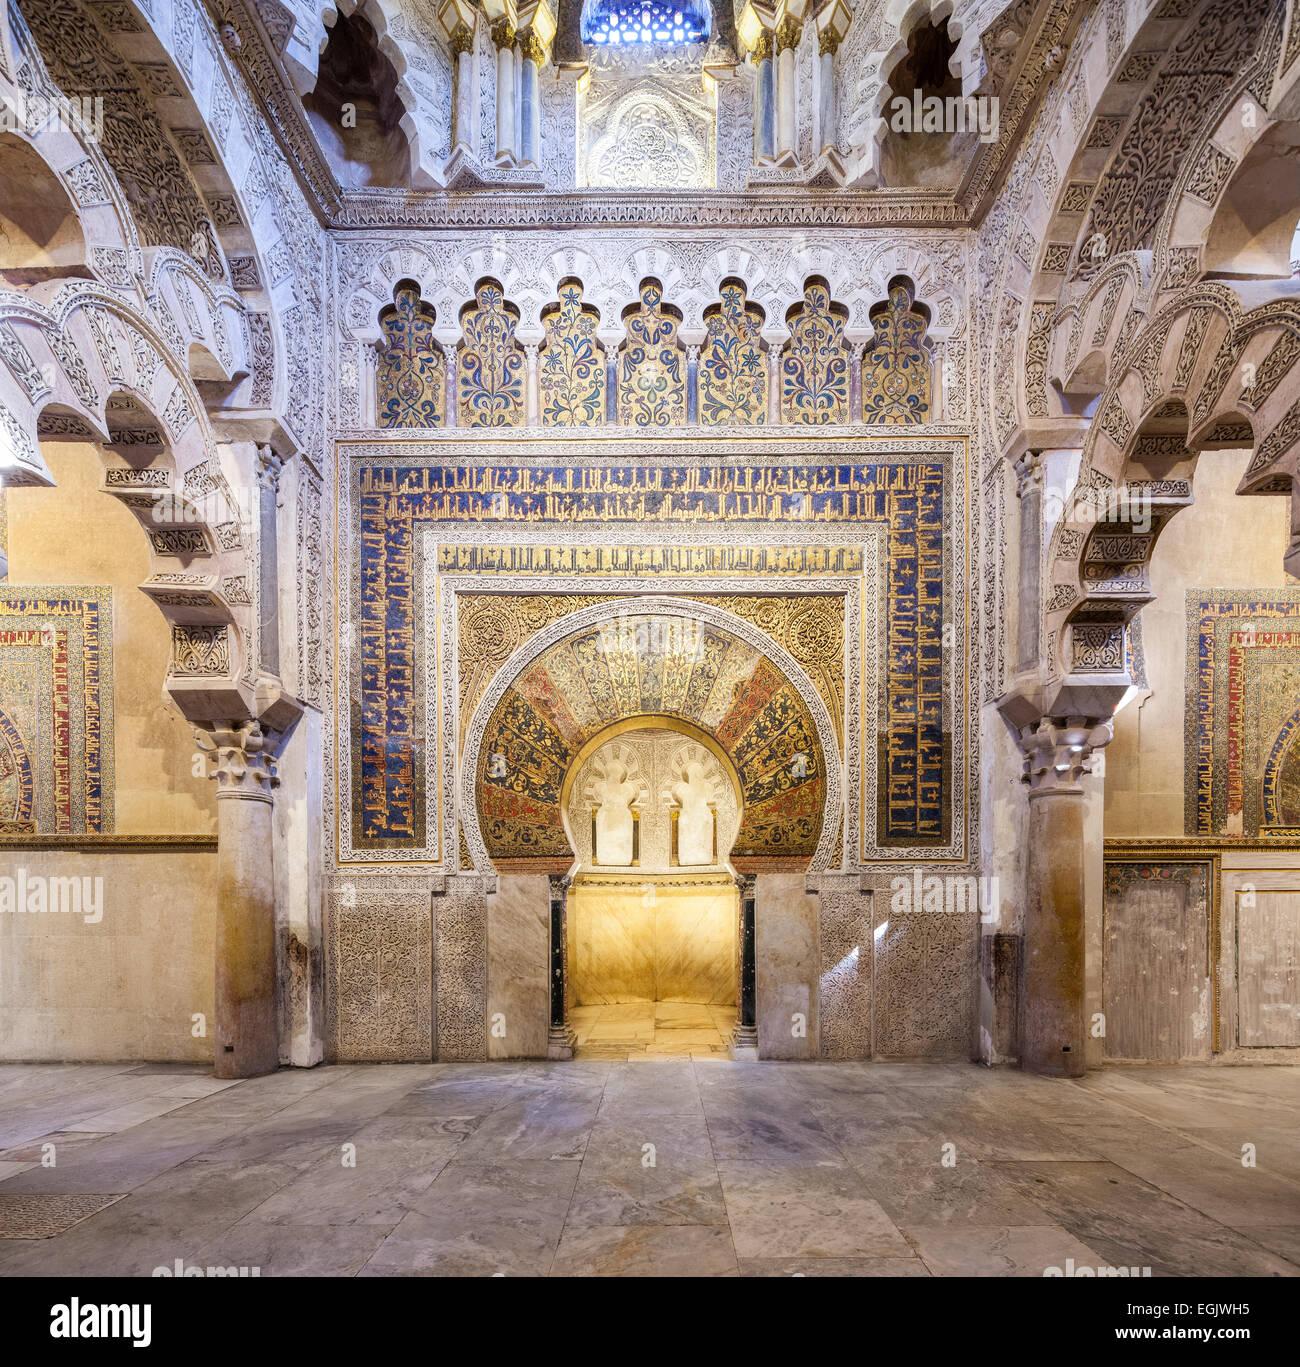 Grande Mosquée de Cordoue Espagne intérieur. Mihrab de la Grande Mosquée de Cordoue. Photo Stock